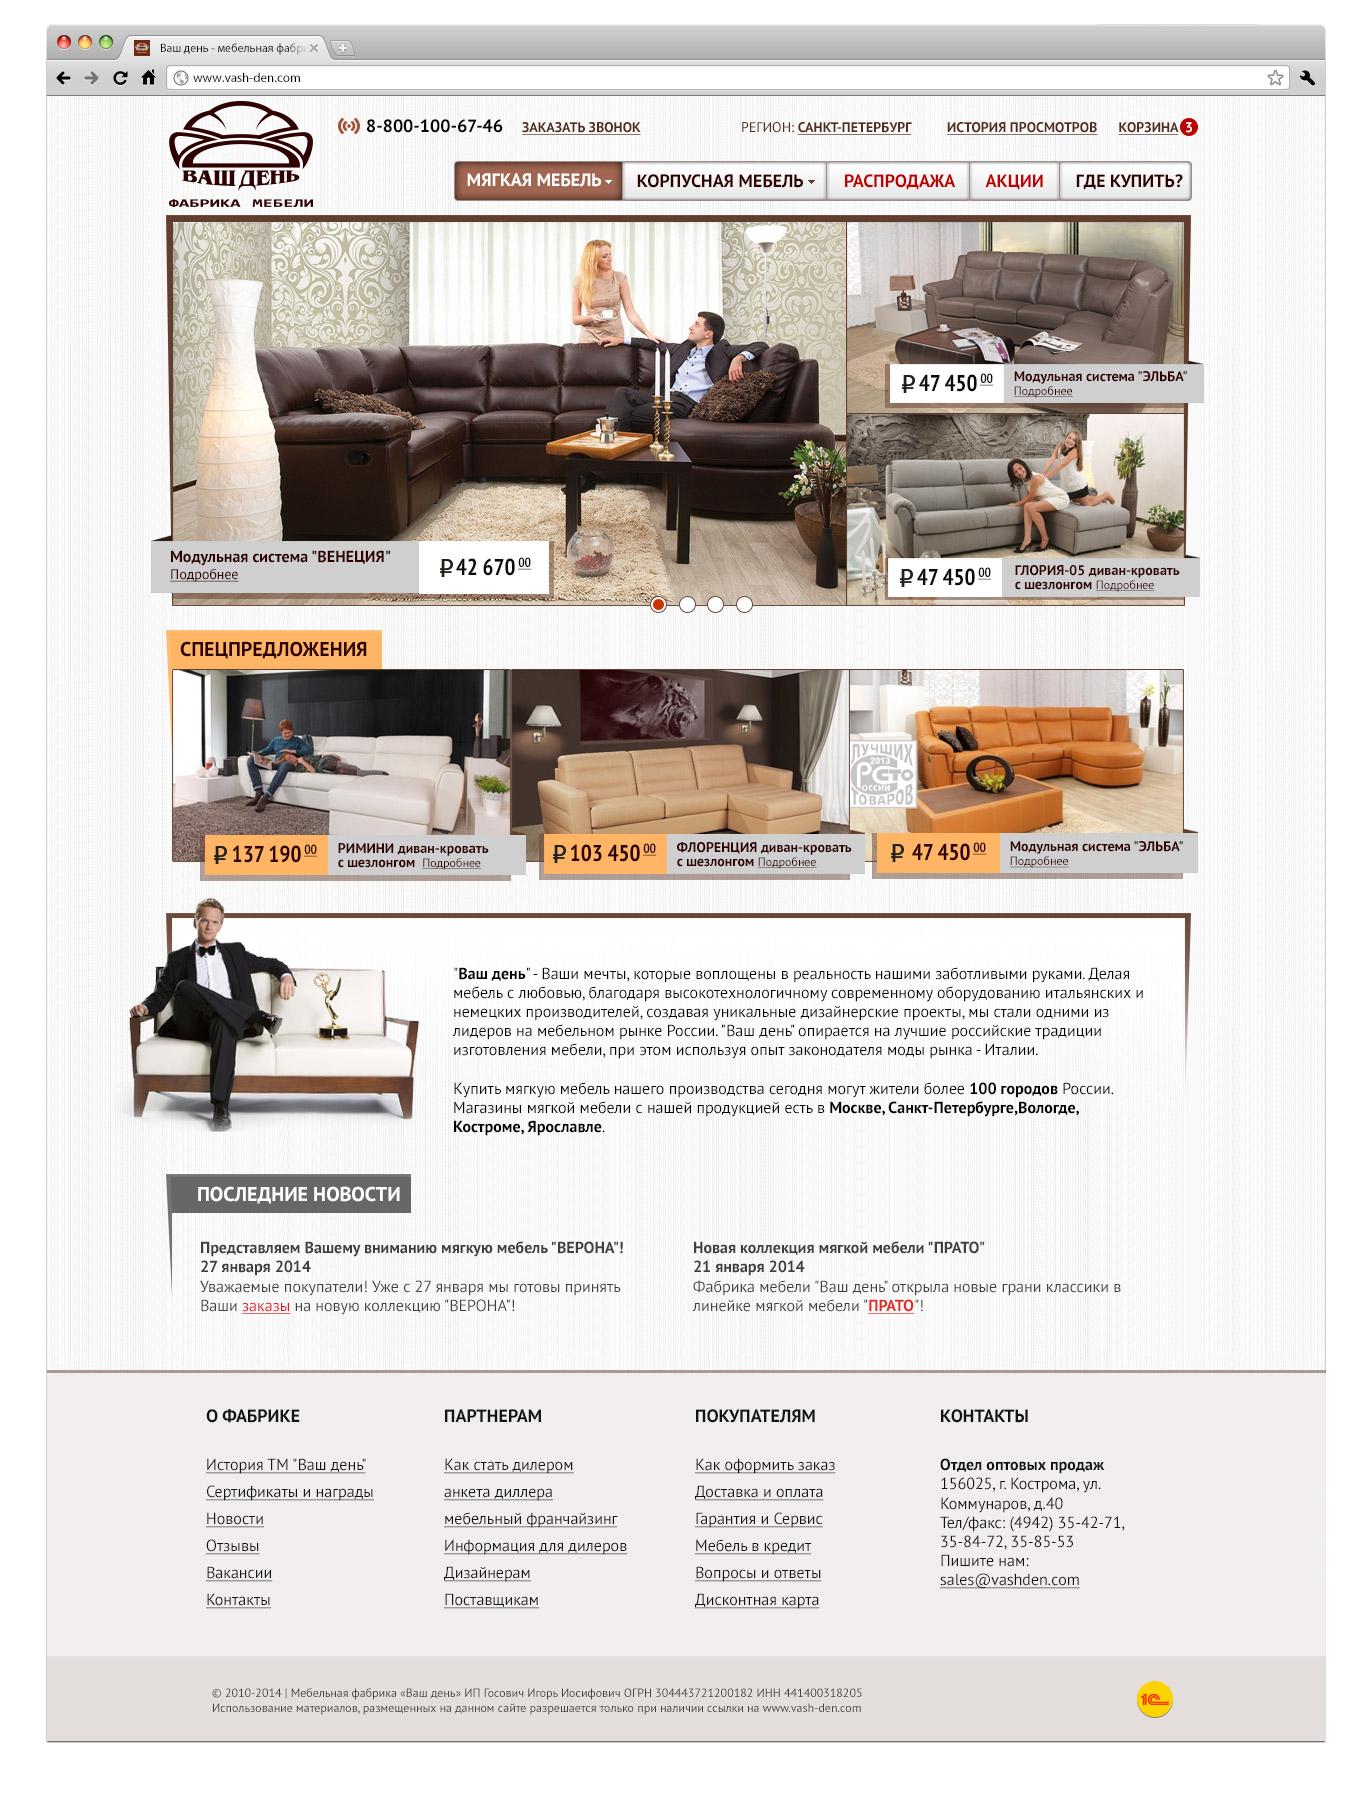 Разработать дизайн для интернет-магазина мебели фото f_15252f3636dca899.jpg